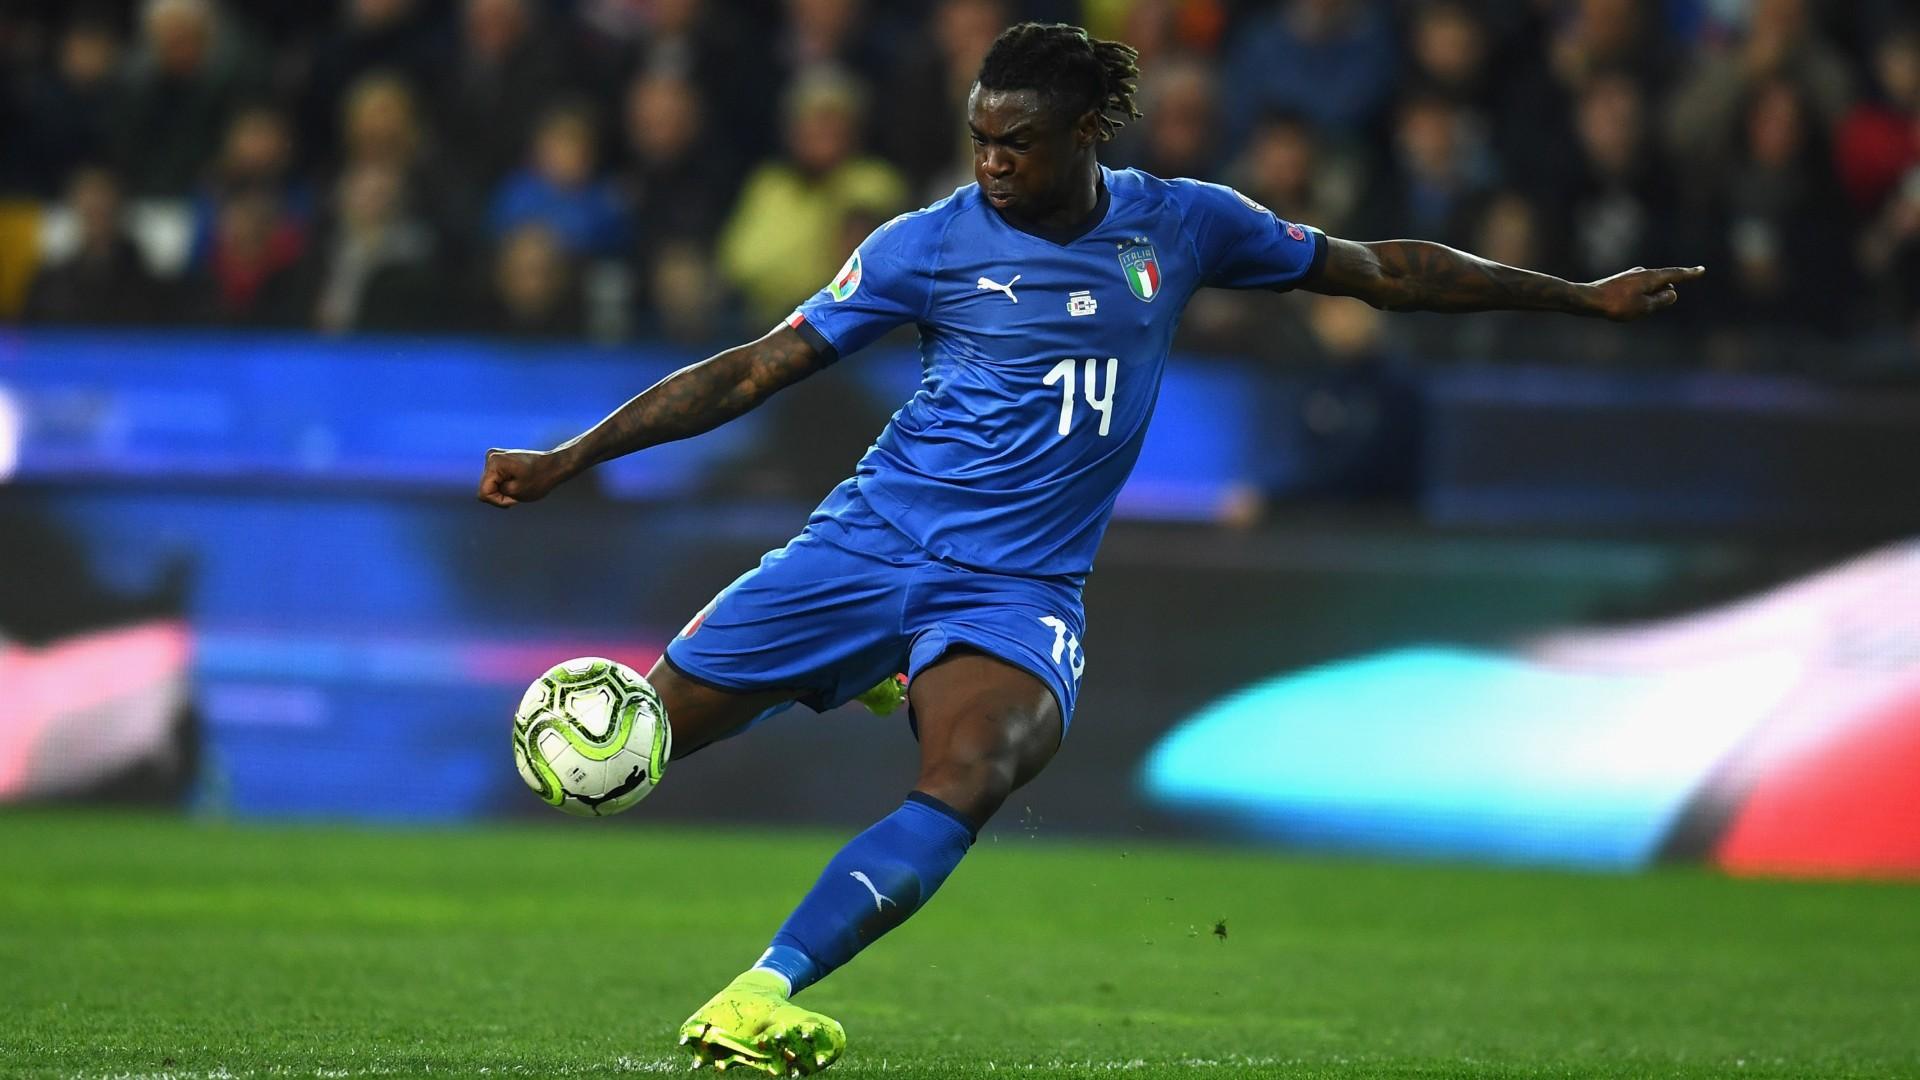 Moise Kean von Juventus Turin glänzt auch für Italien: Kein Mario Balotelli!